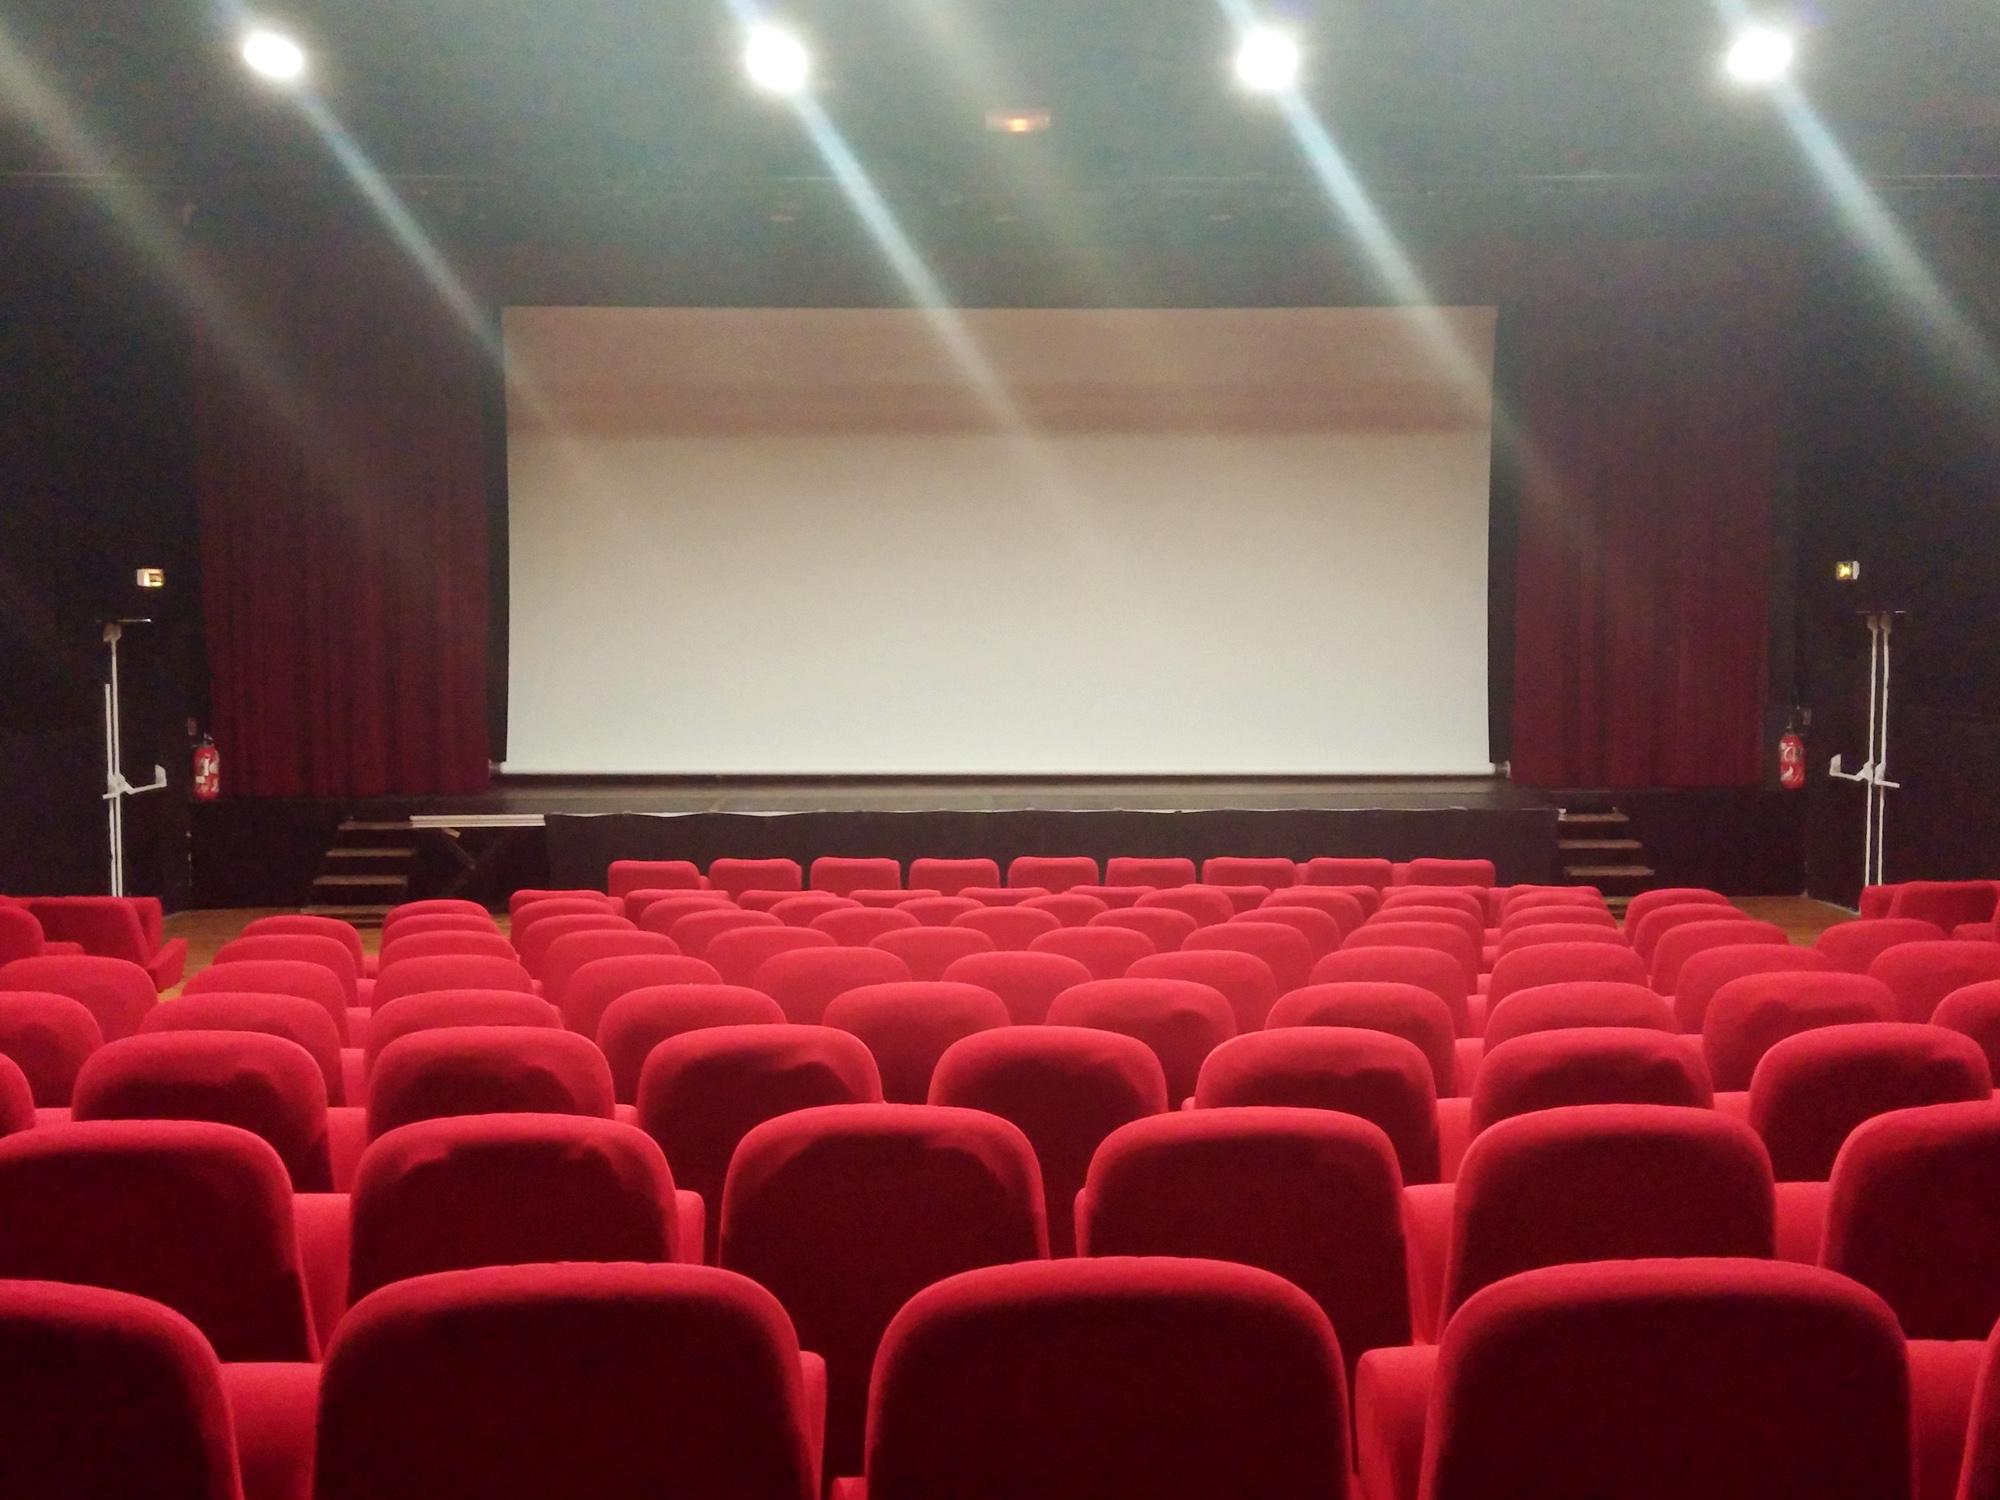 Comment réinventer l'exploitation cinématographique ?